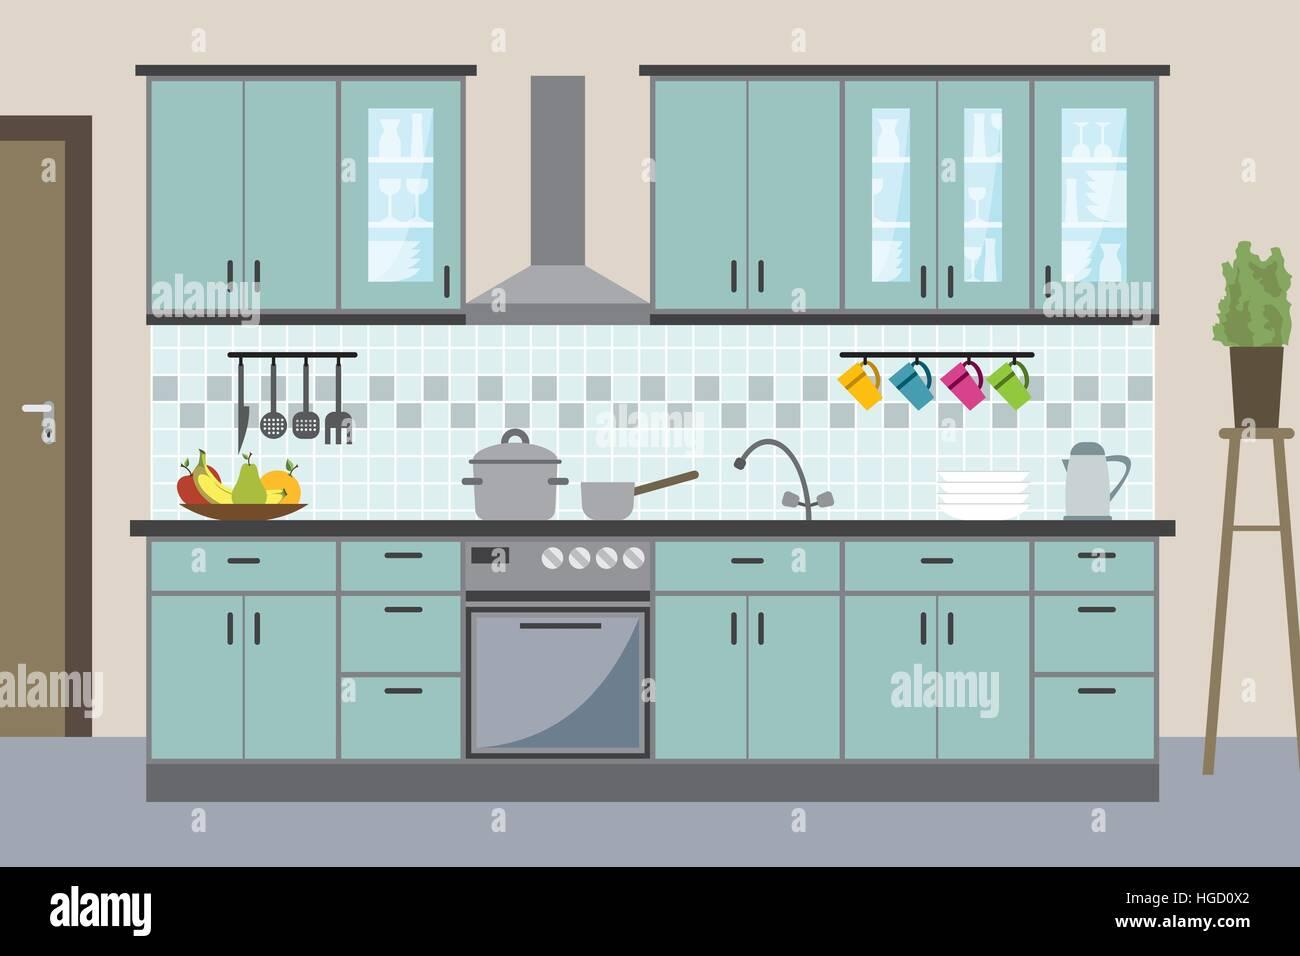 Kitchen Area Stock Photos & Kitchen Area Stock Images - Alamy